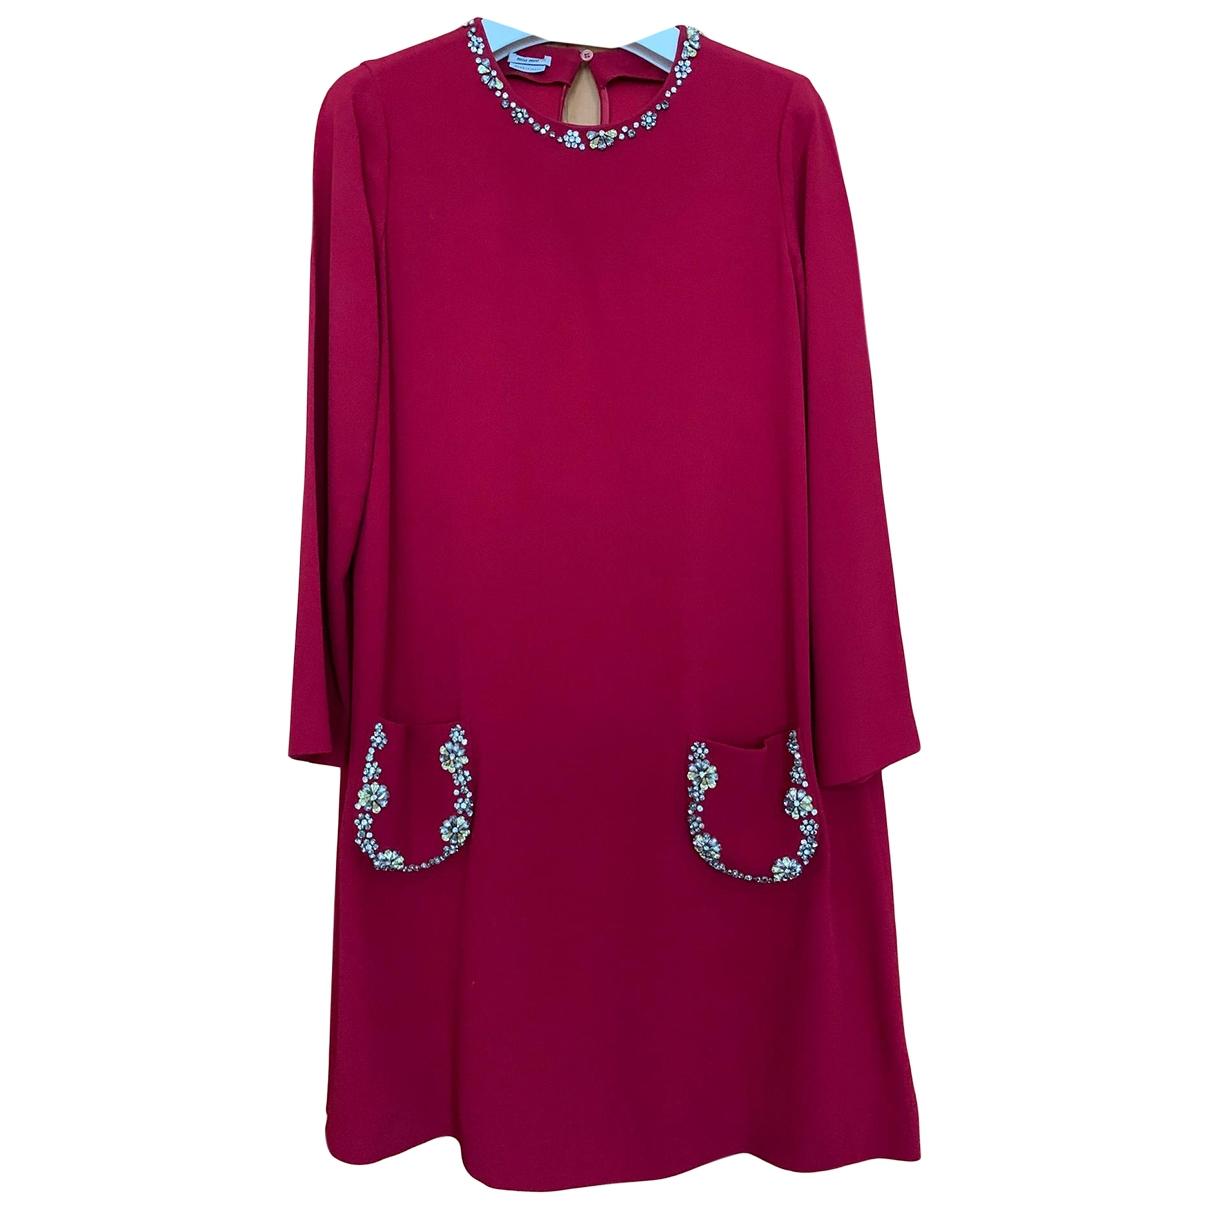 Miu Miu \N Kleid in  Rot Viskose